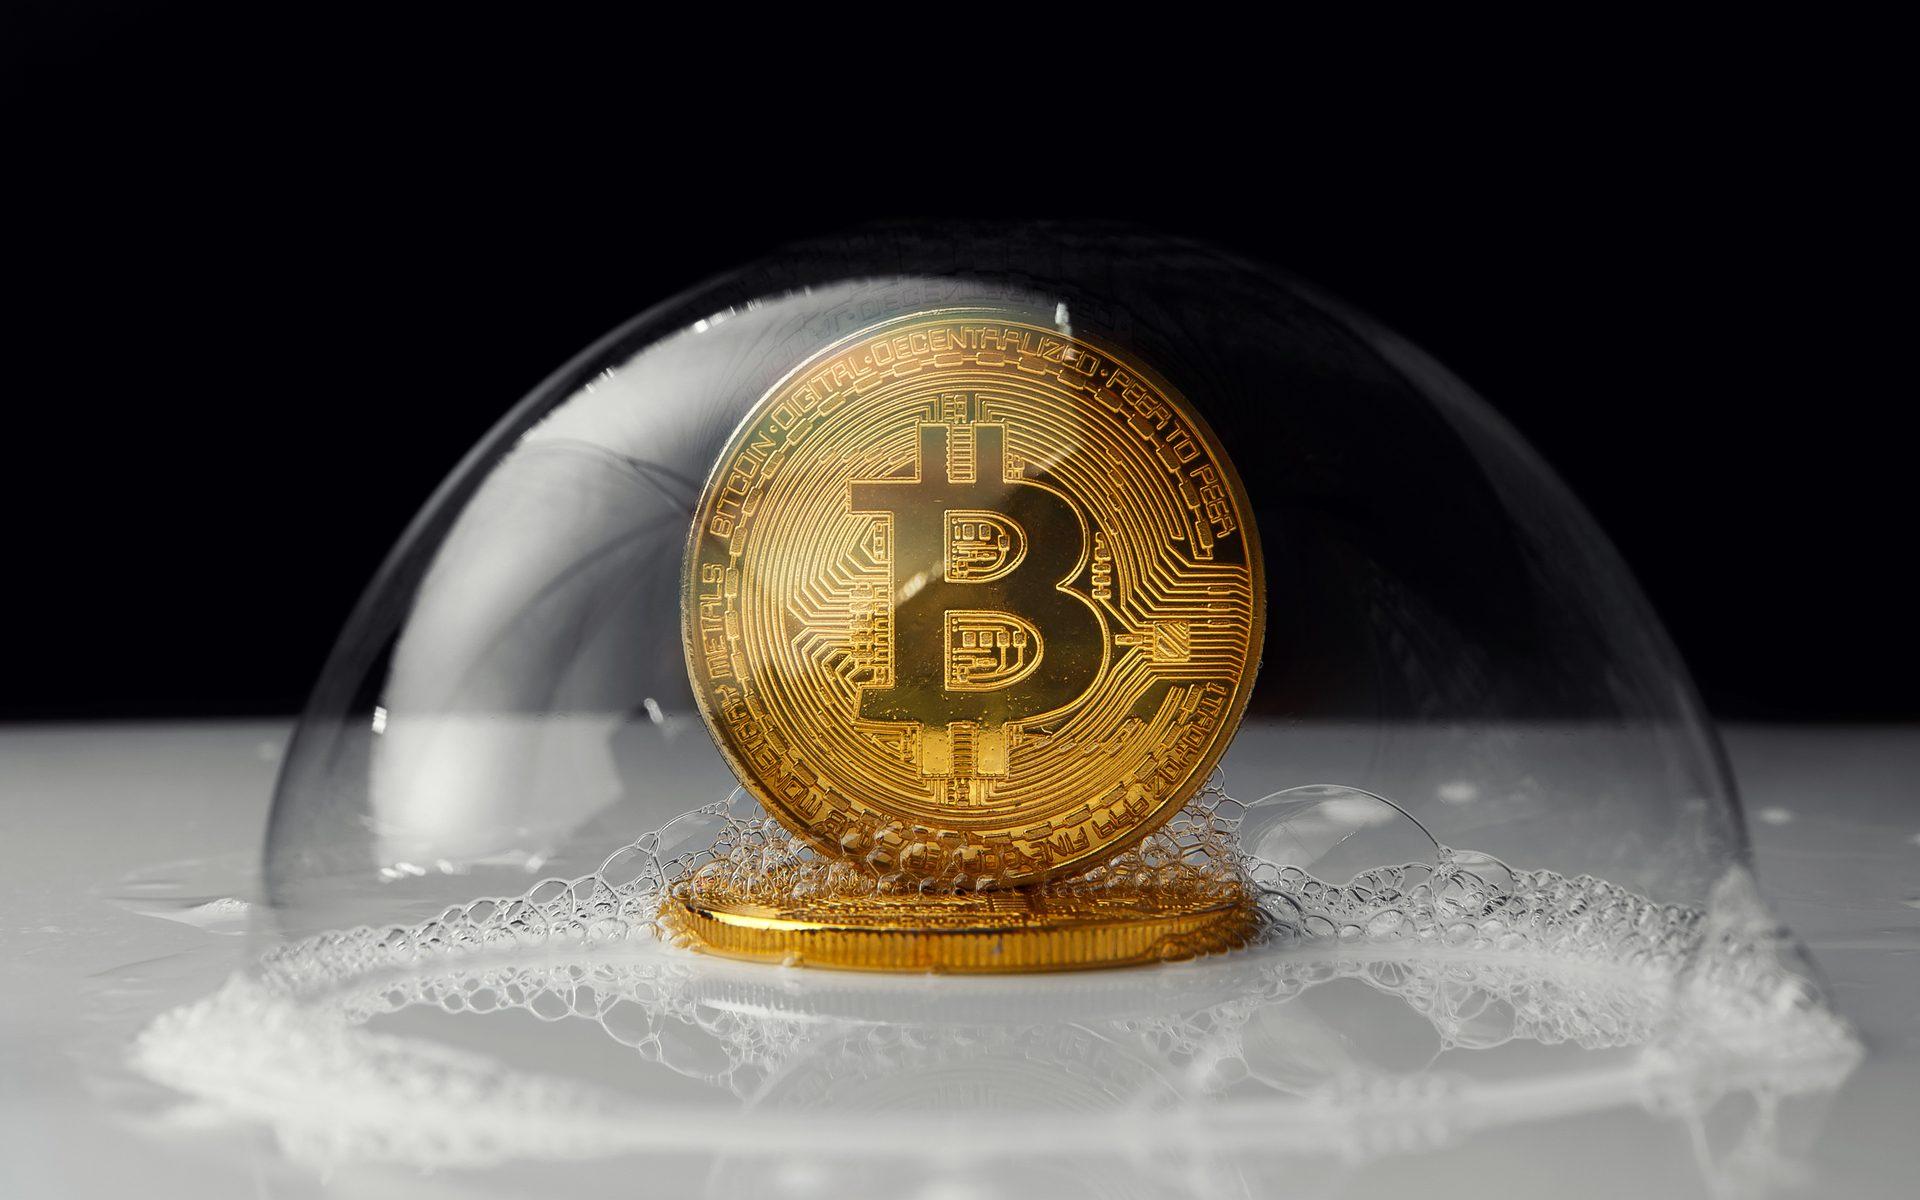 giá bitcoin: Bitcoin xuất hiện mô hình 2 đỉnh và một biến cố lớn sắp đến